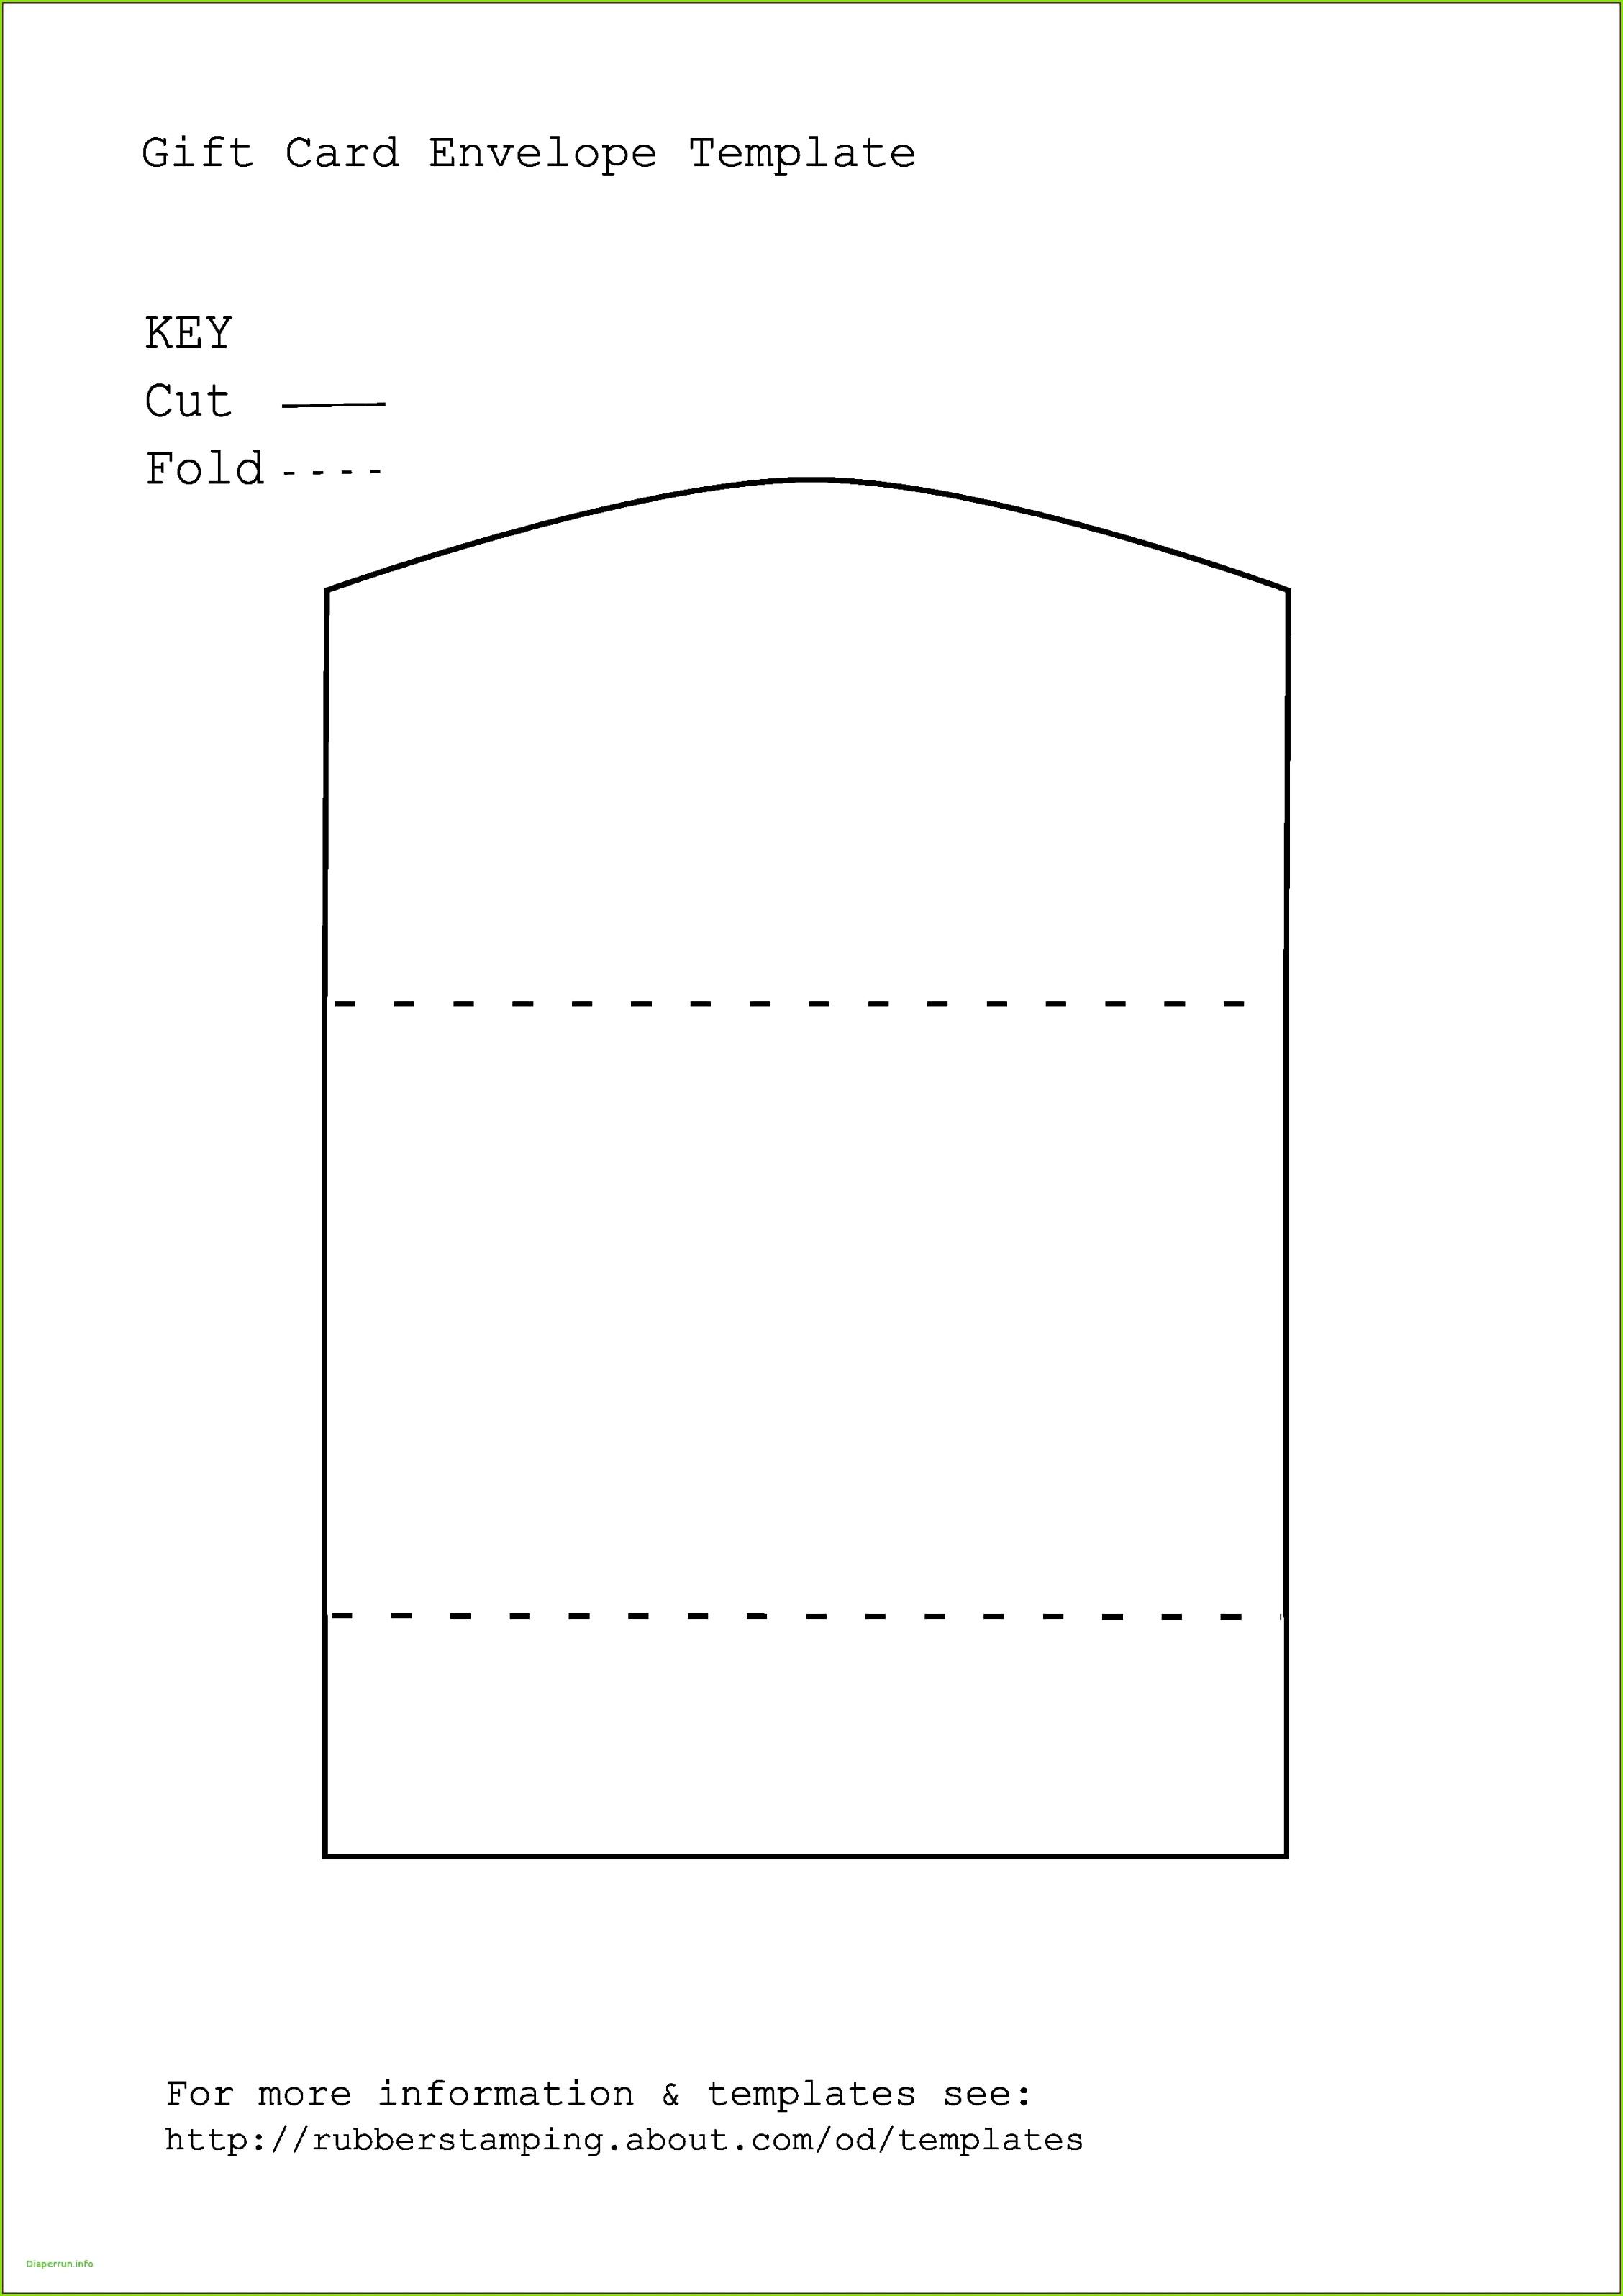 Excel Vorlagen Kassenbuch Neu Großartig Kassenbuch Kleinunternehmer Vorlage 36 Detaillierte Excel Vorlagen Kassenbuch